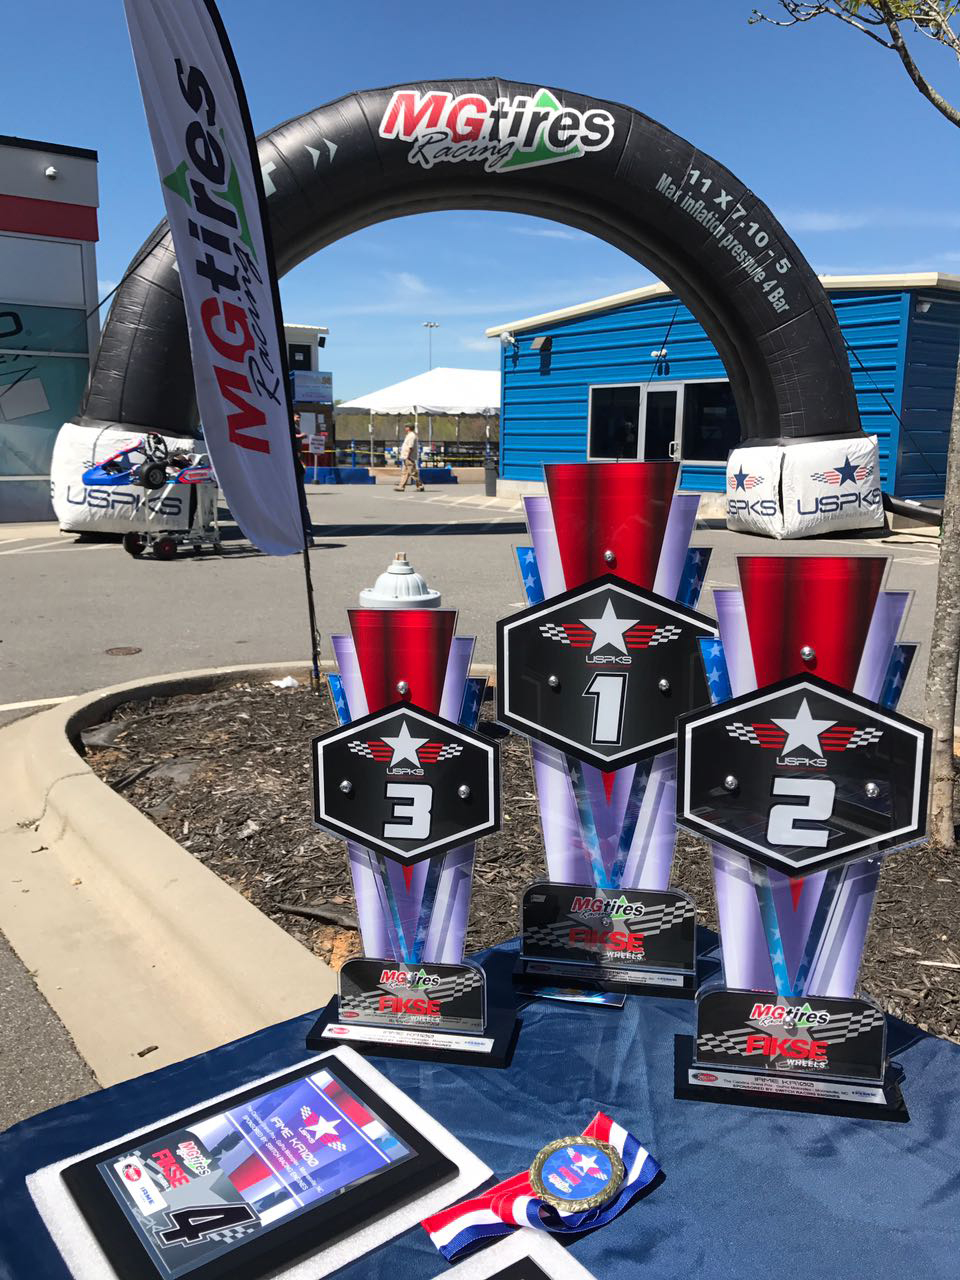 MG Tires renovou parceria com o USPKS e fornece pneus pelo terceiro ano consecutivo